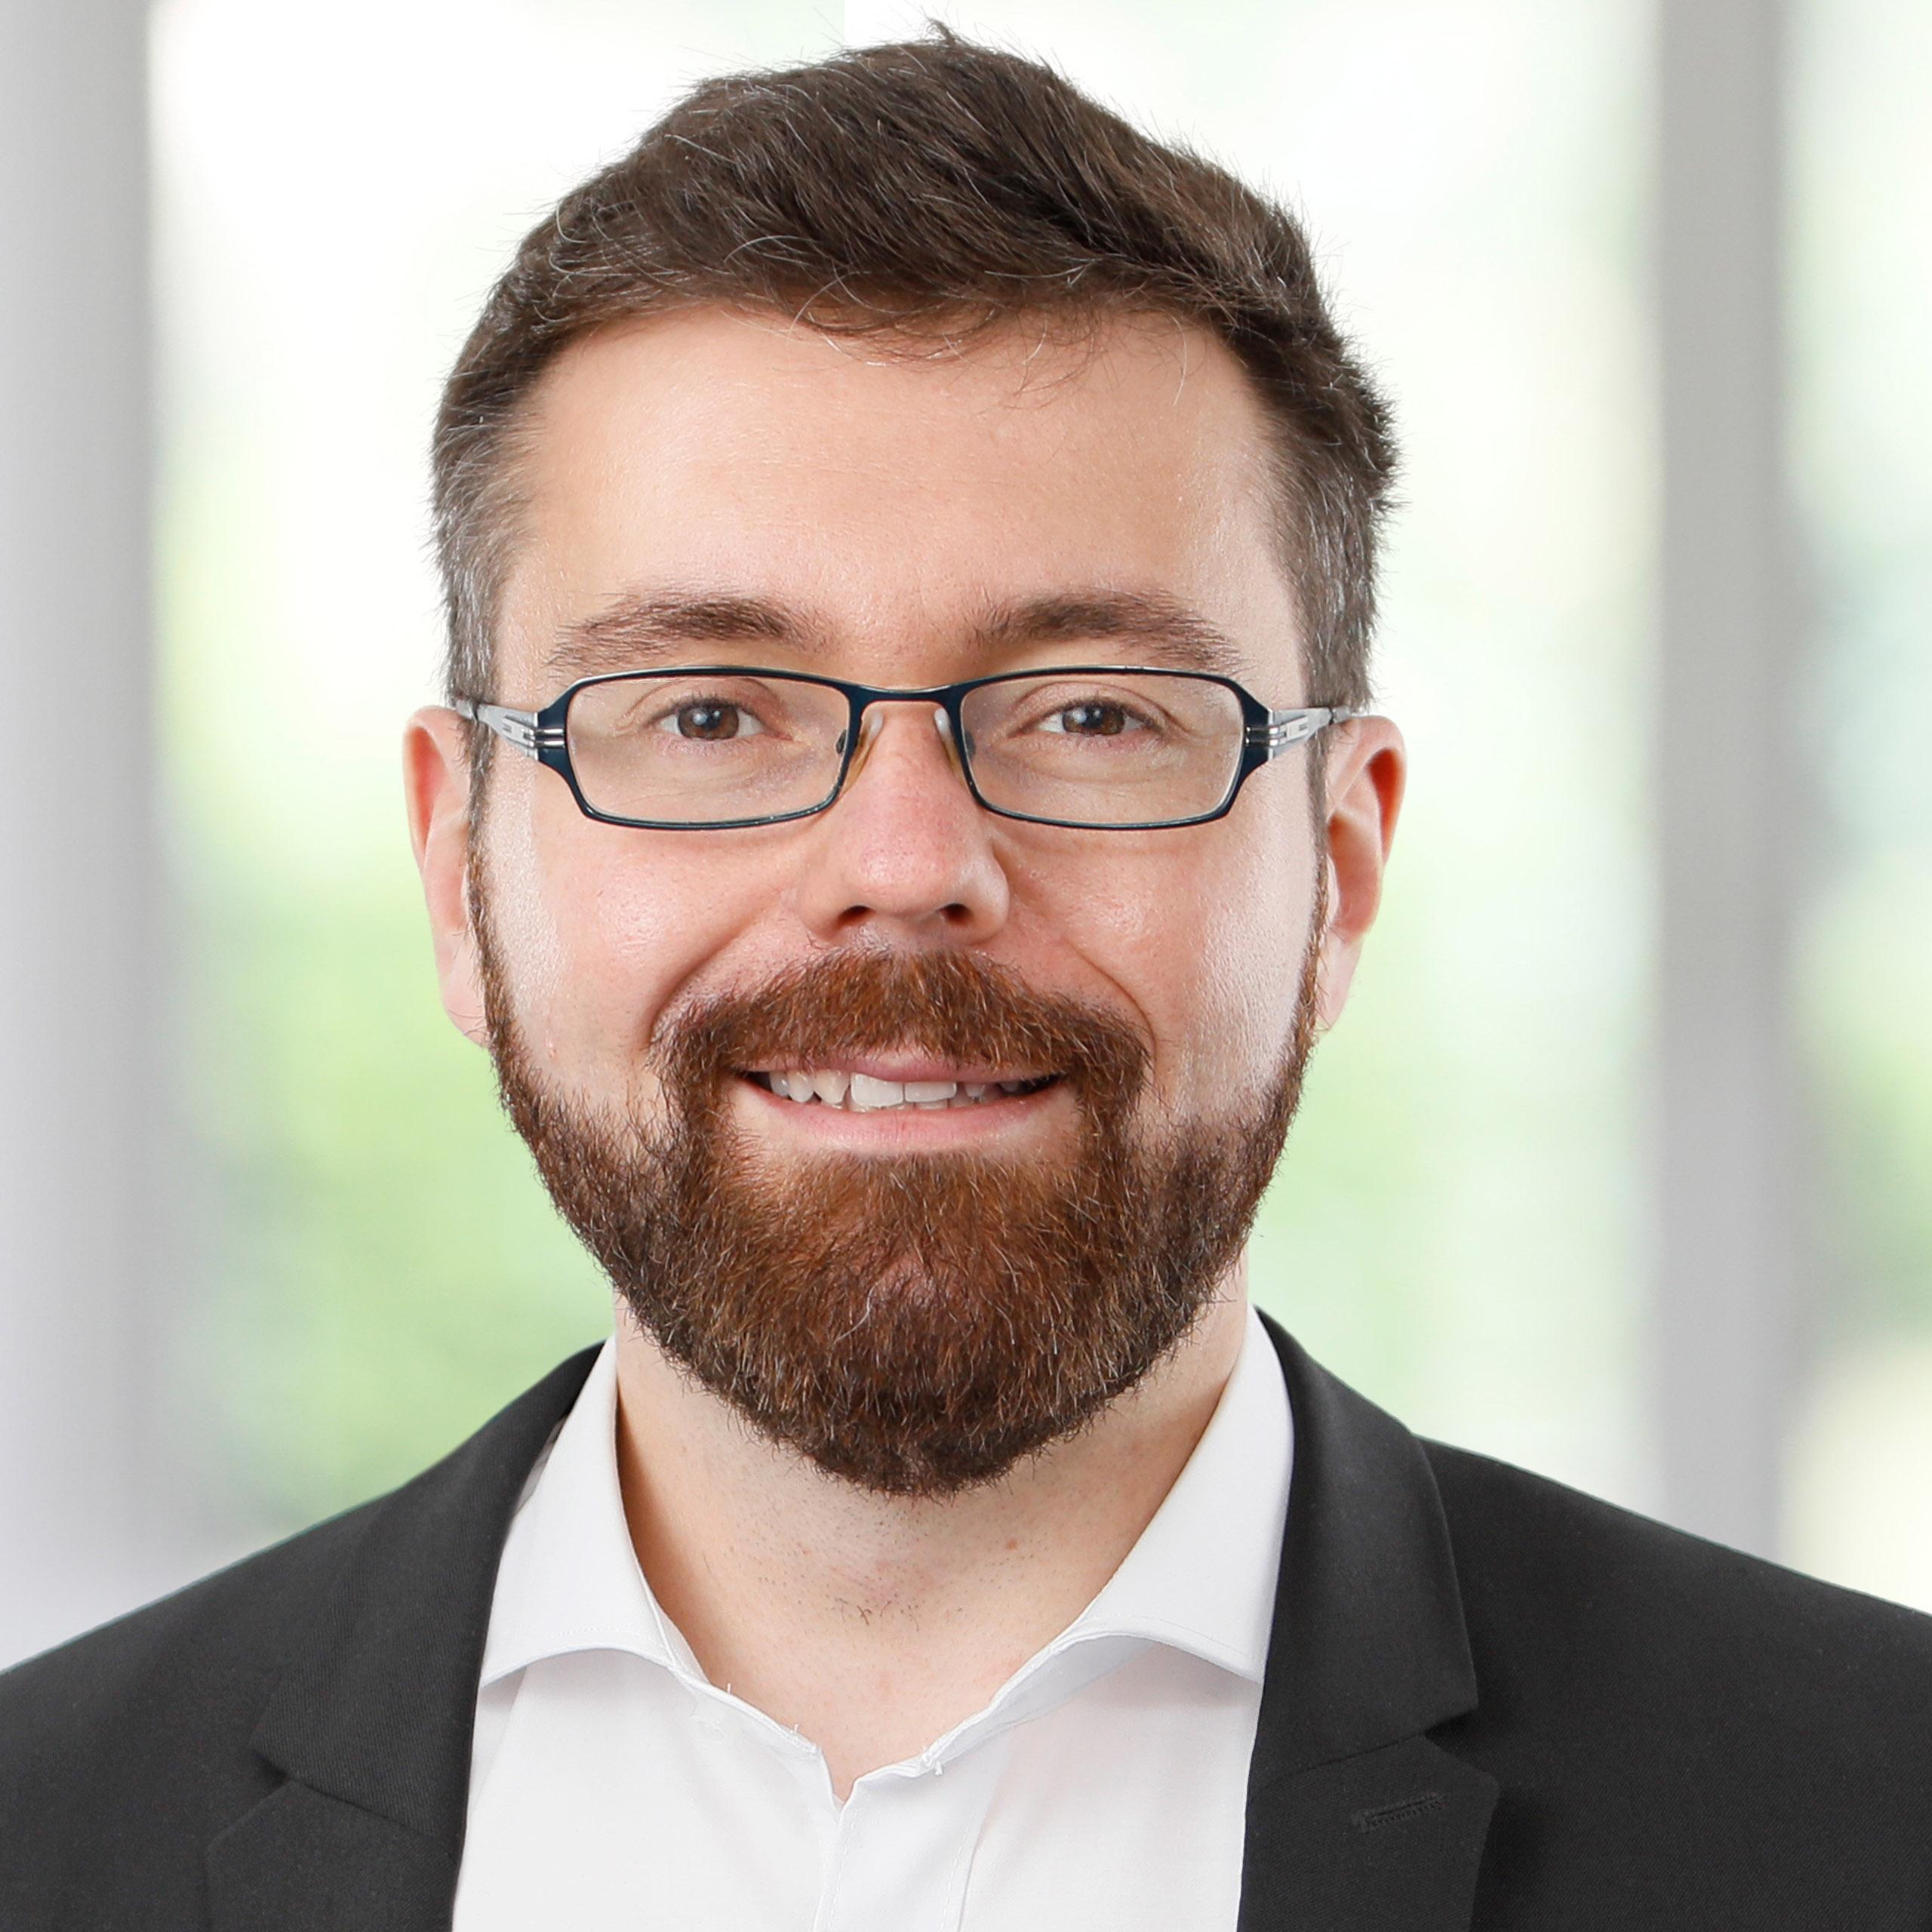 Matthäus Szturc